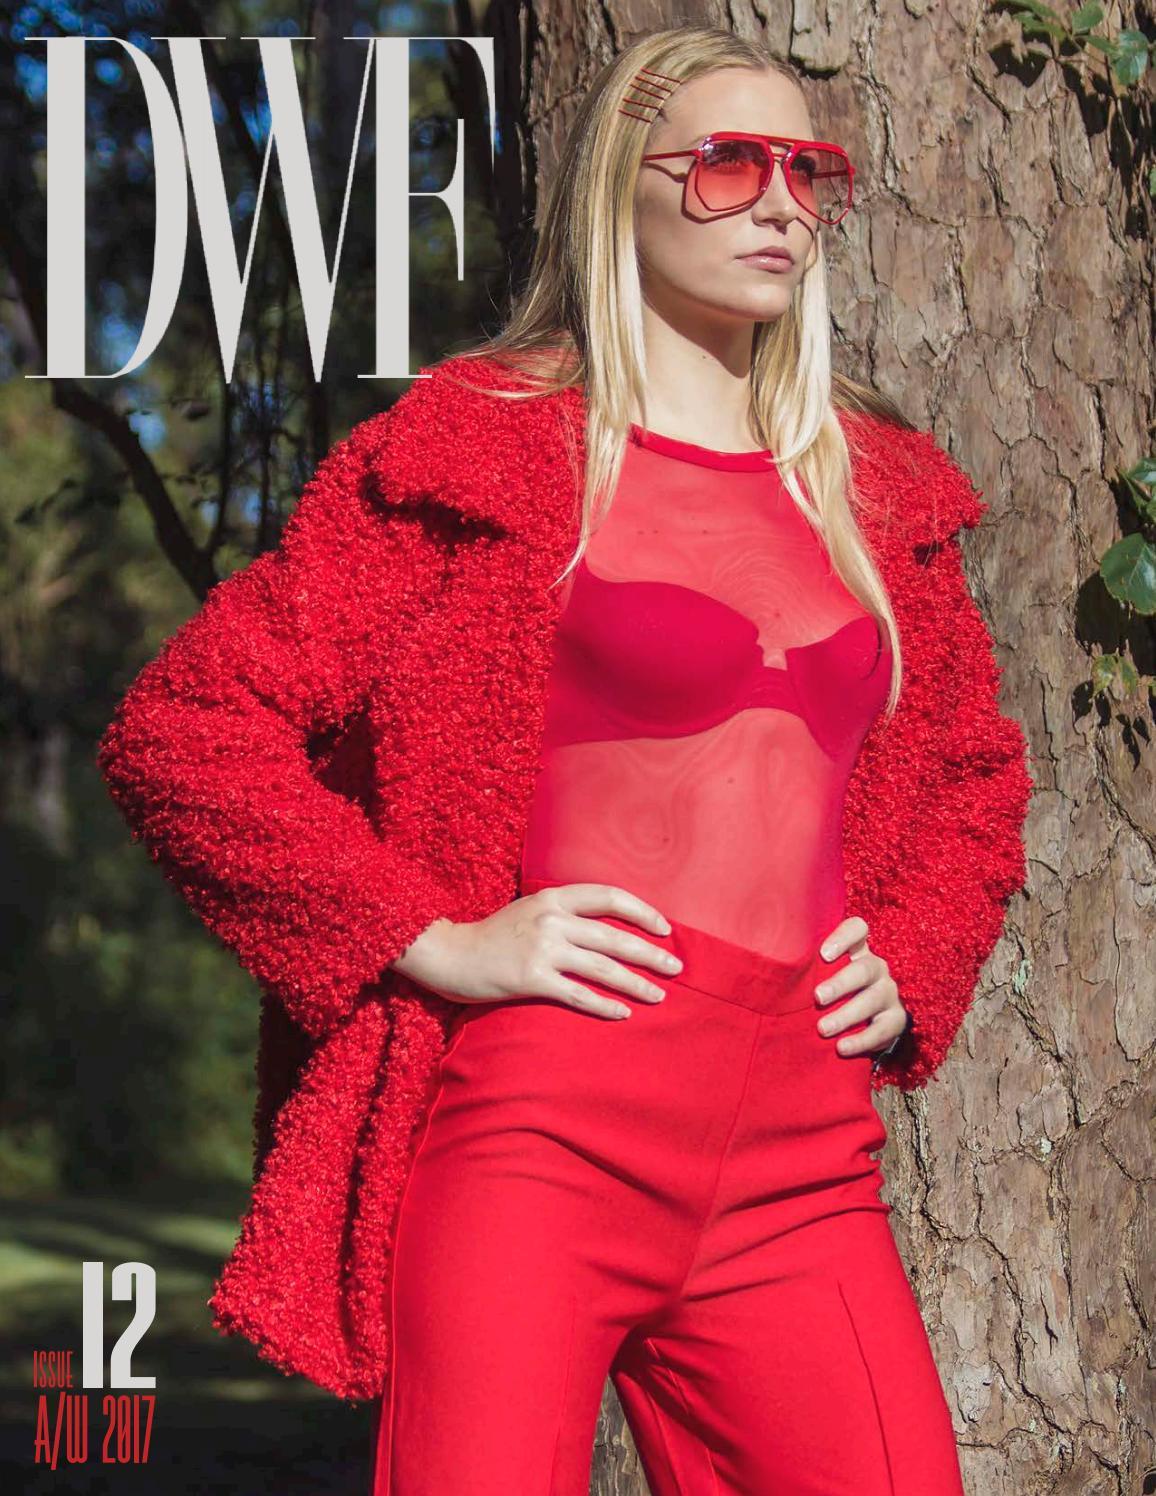 DWF Magazine   12th Issue by DWF MAGAZINE - issuu f88c3cb88194